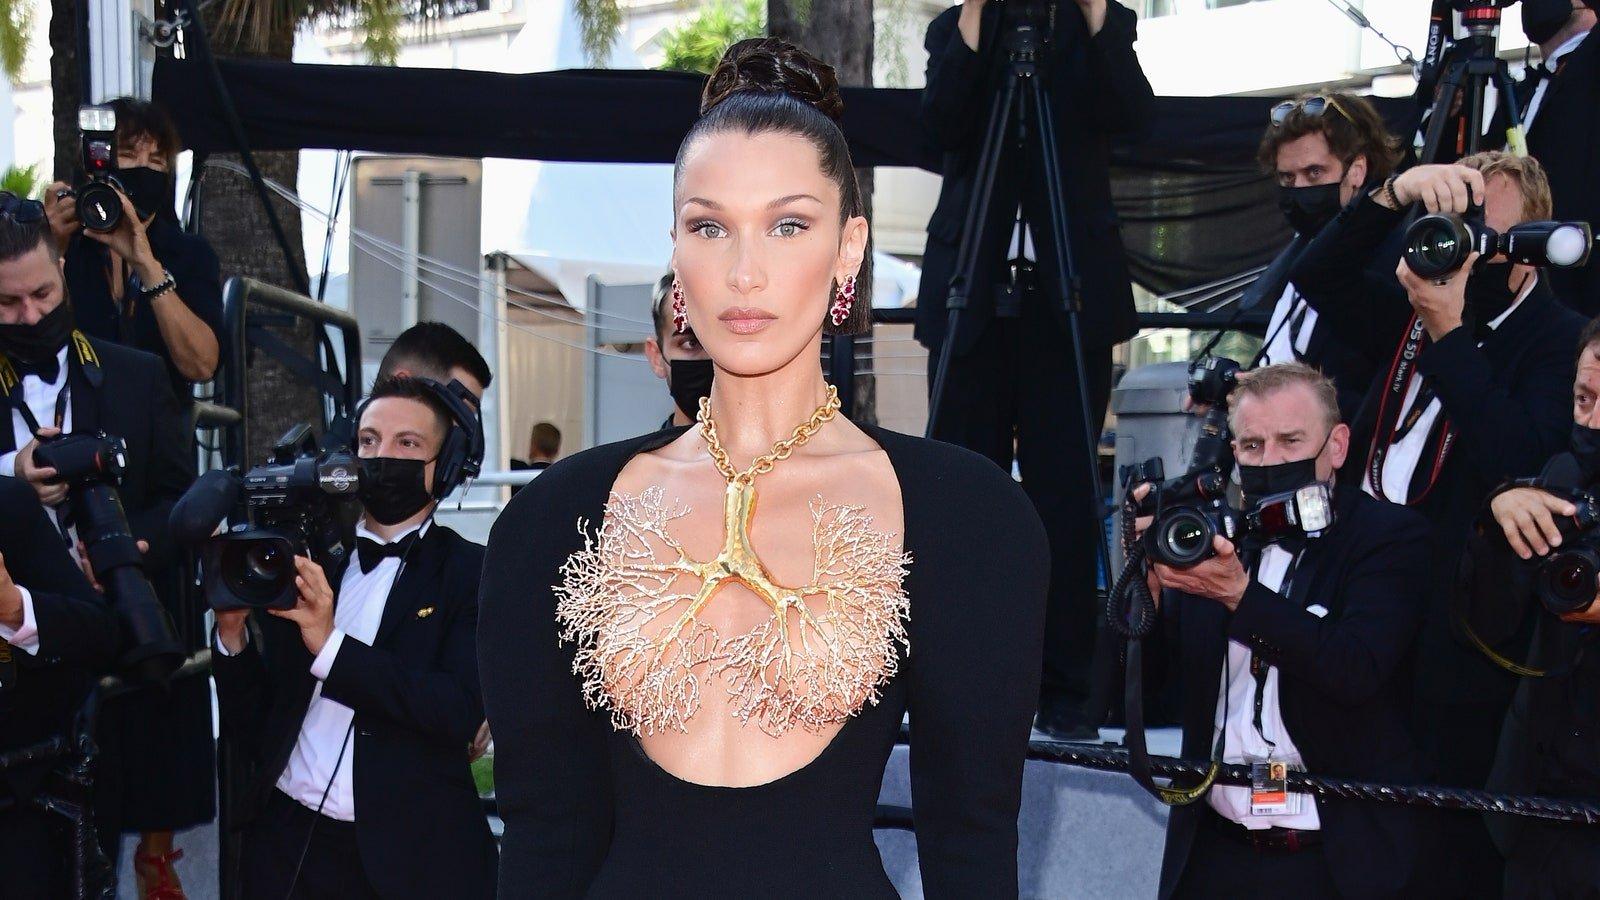 Festival de Cannes 2021 : Bella Hadid embrase le tapis rouge de Cannes avec une époustouflante « robe-poumons » Schiaparelli